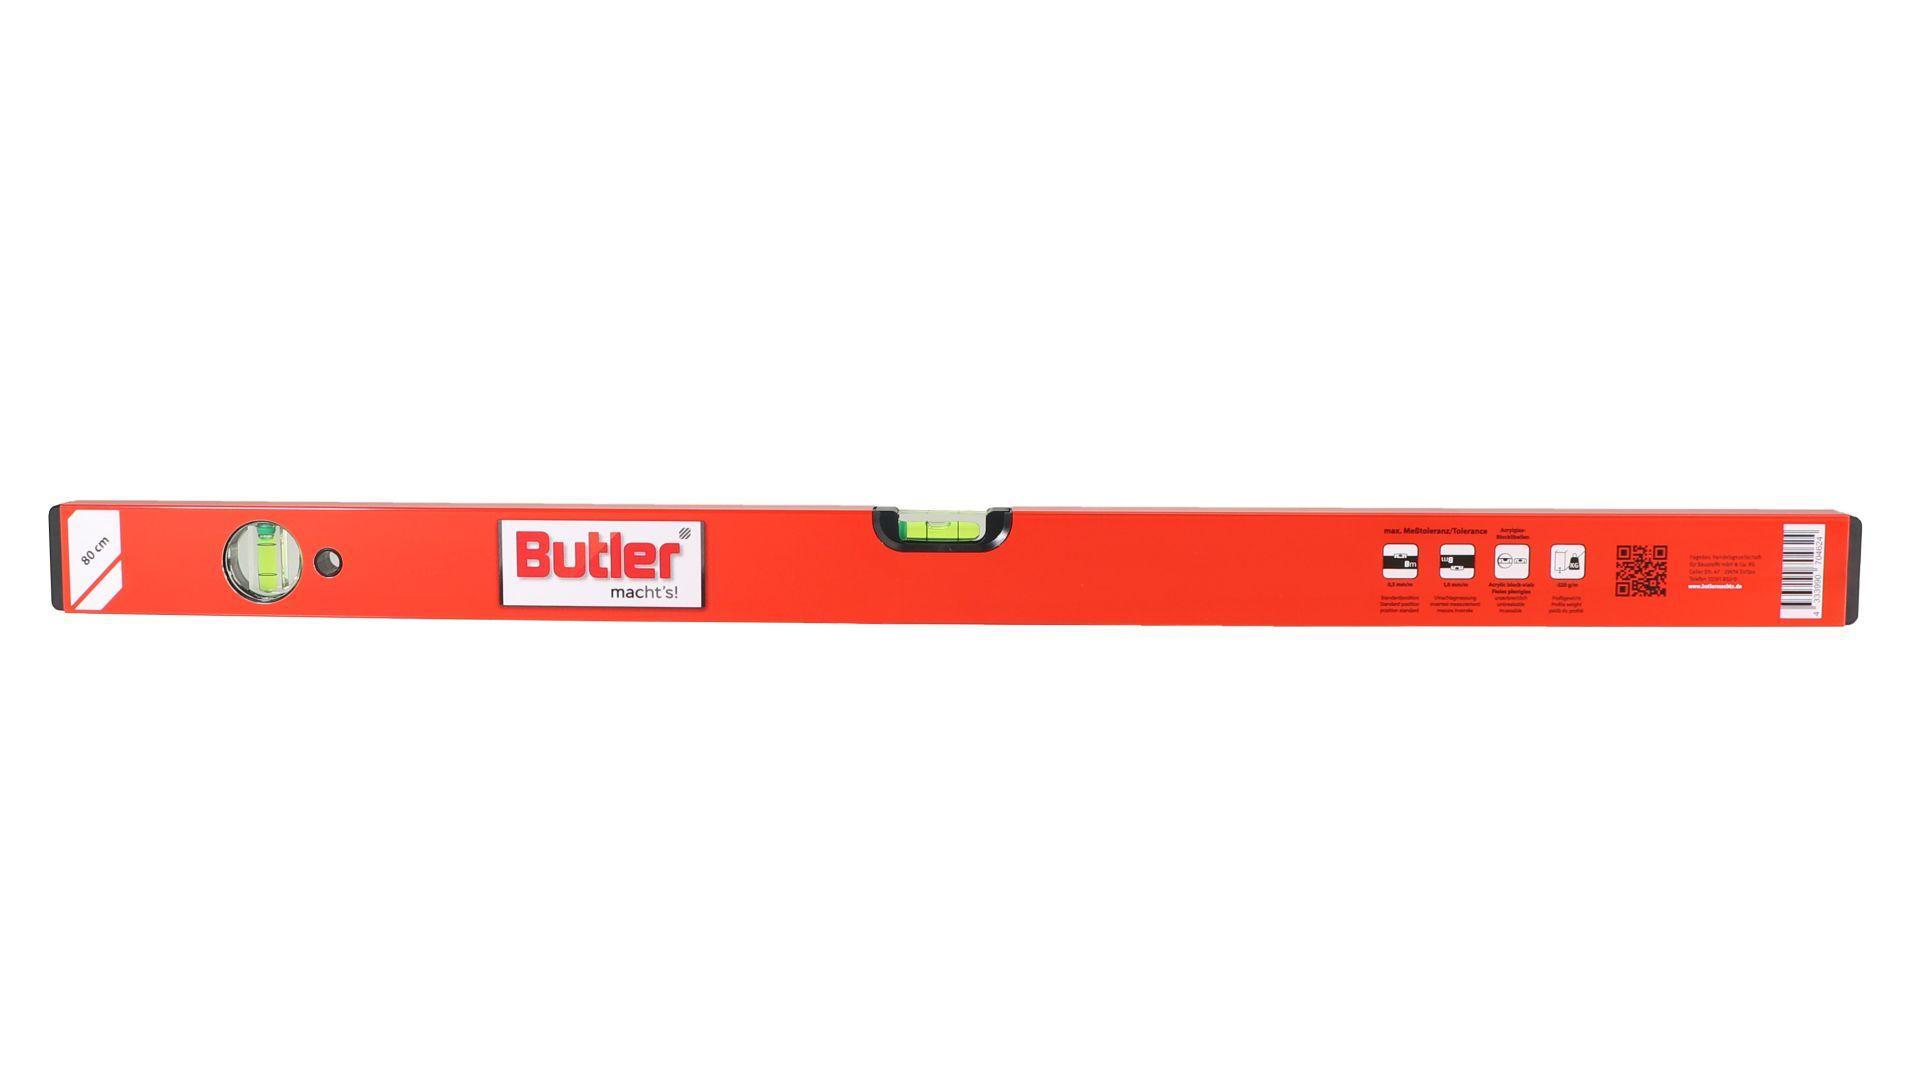 Butler macht's! Wasserwaage aus Leichtmetall, eine horizontale, eine vertikale Libelle, Länge 80 cm